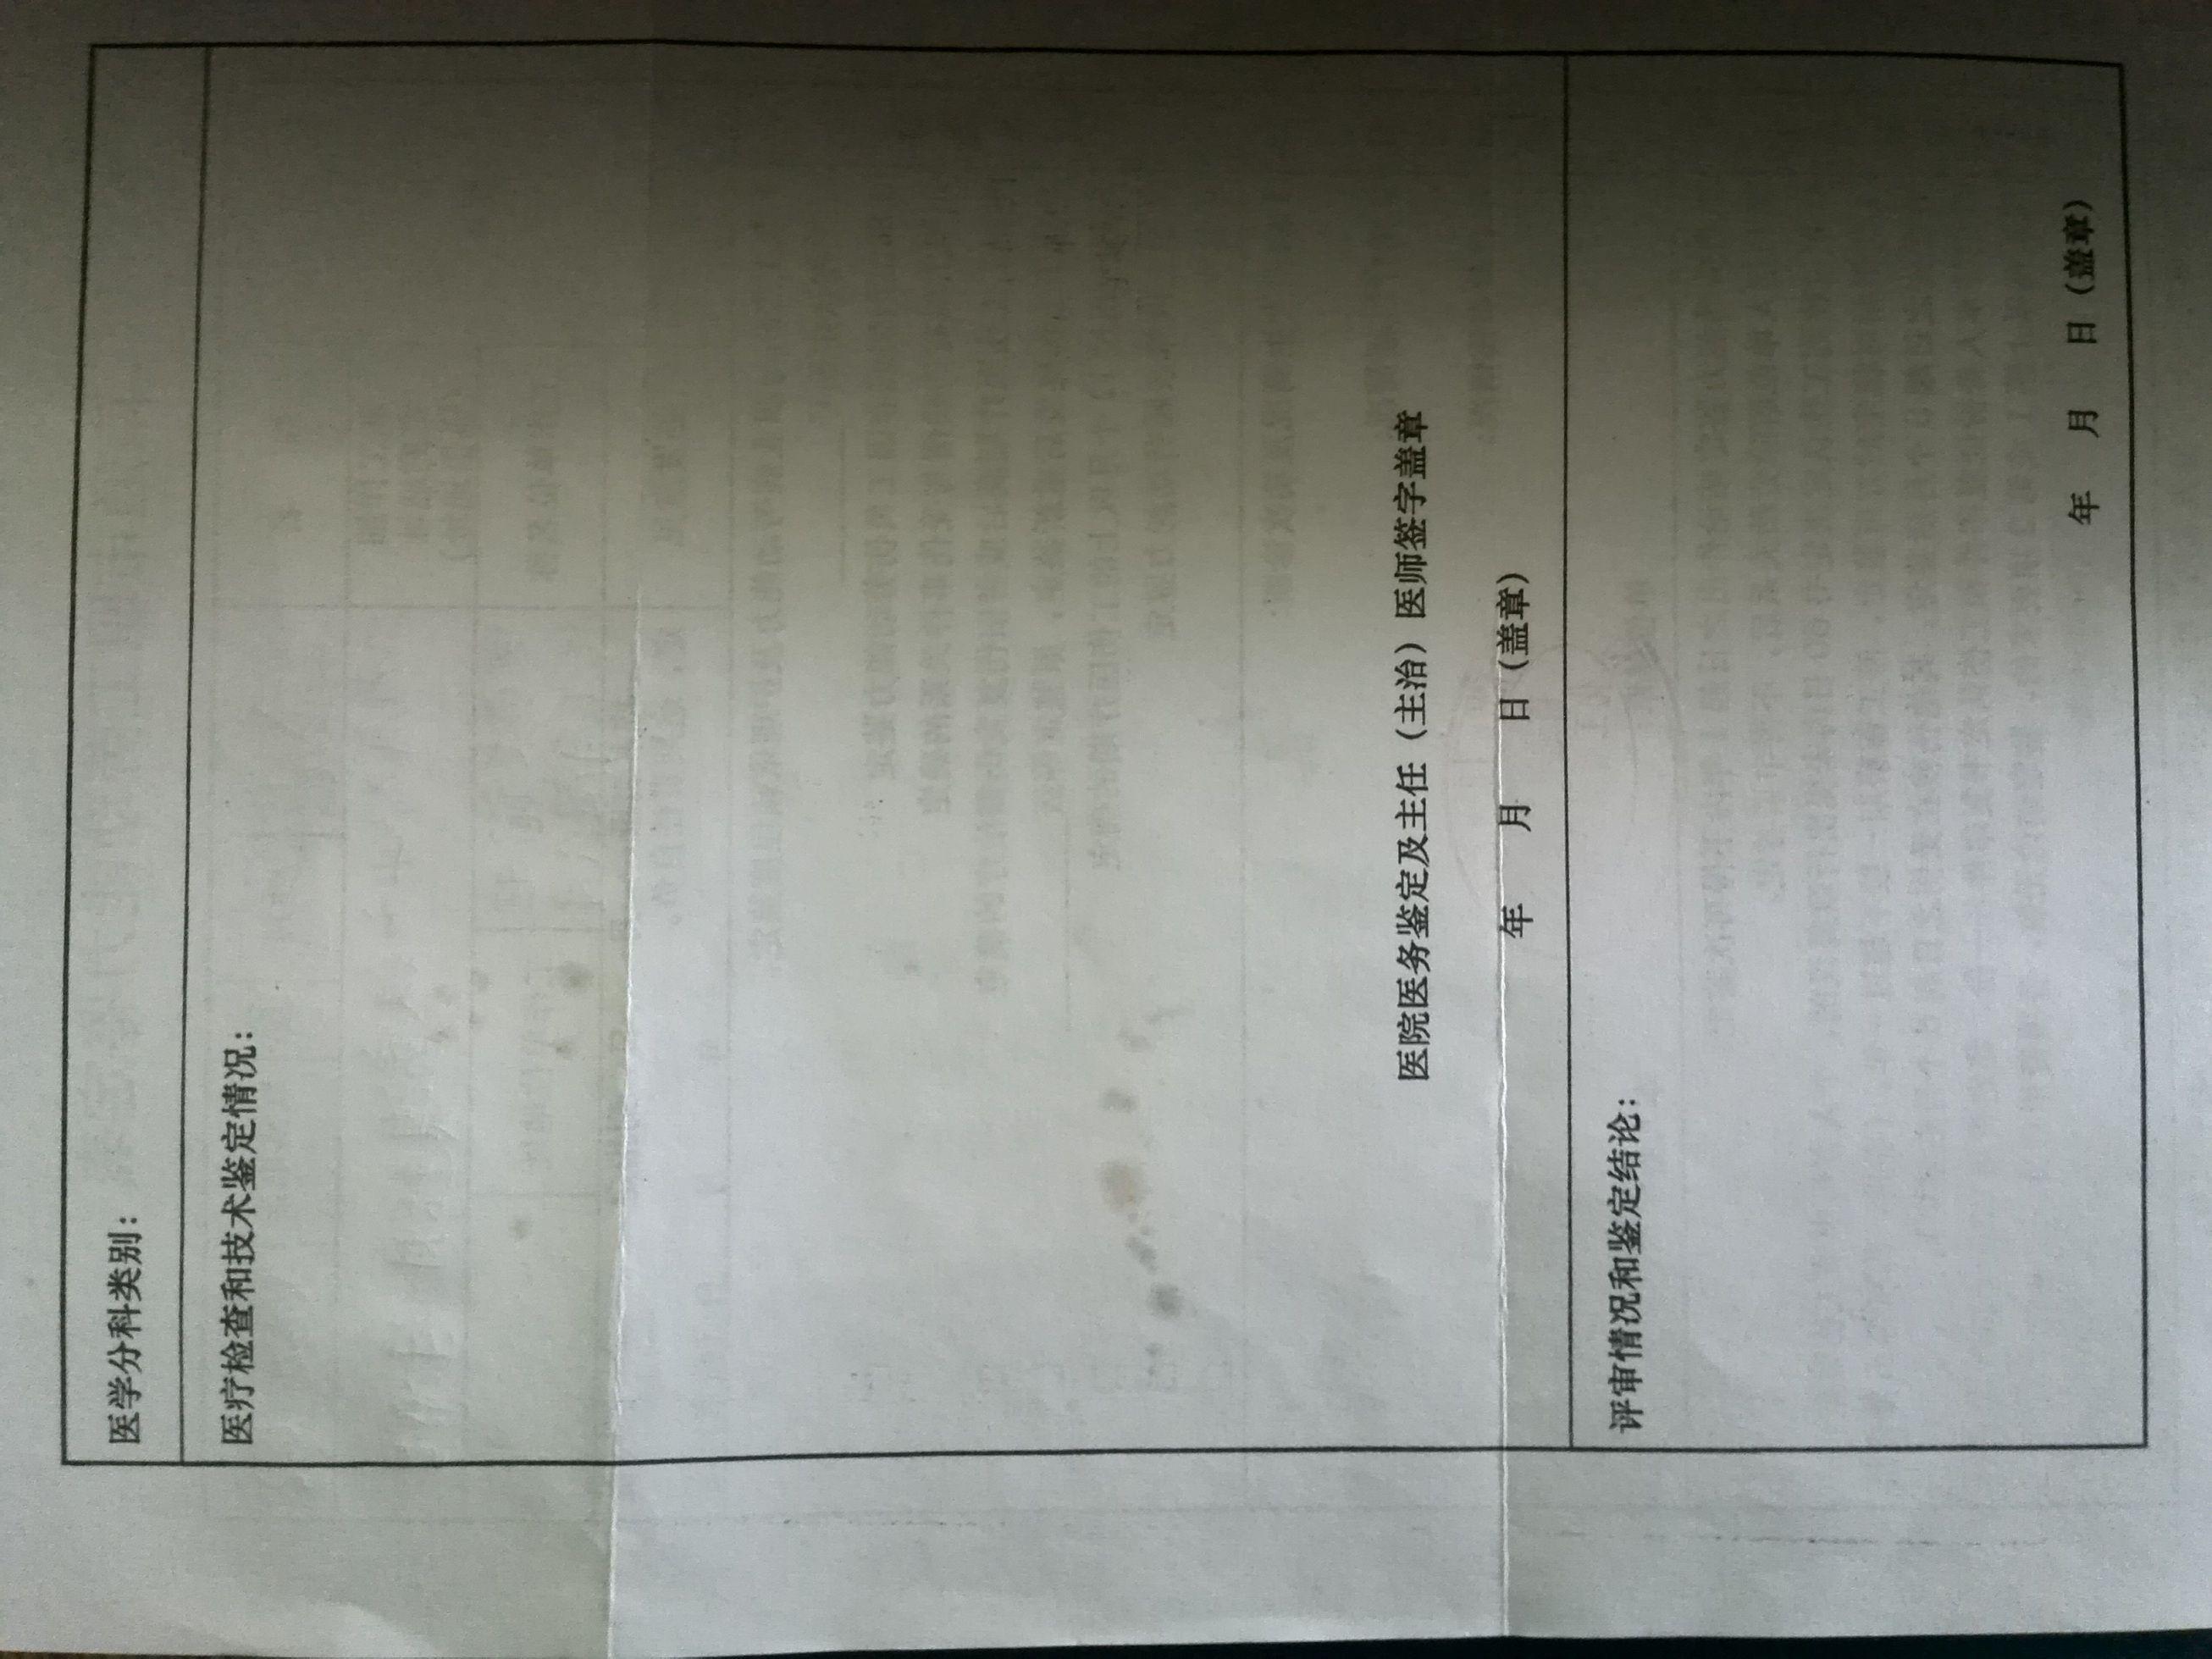 当前版本号:v3.0.6.3 更新日期:2012年10月17日文件大小:2.55GB 官方下载器 迅雷. 作者:无极 来源:官方网站 下载中心-英雄联盟官方网站-腾讯游戏